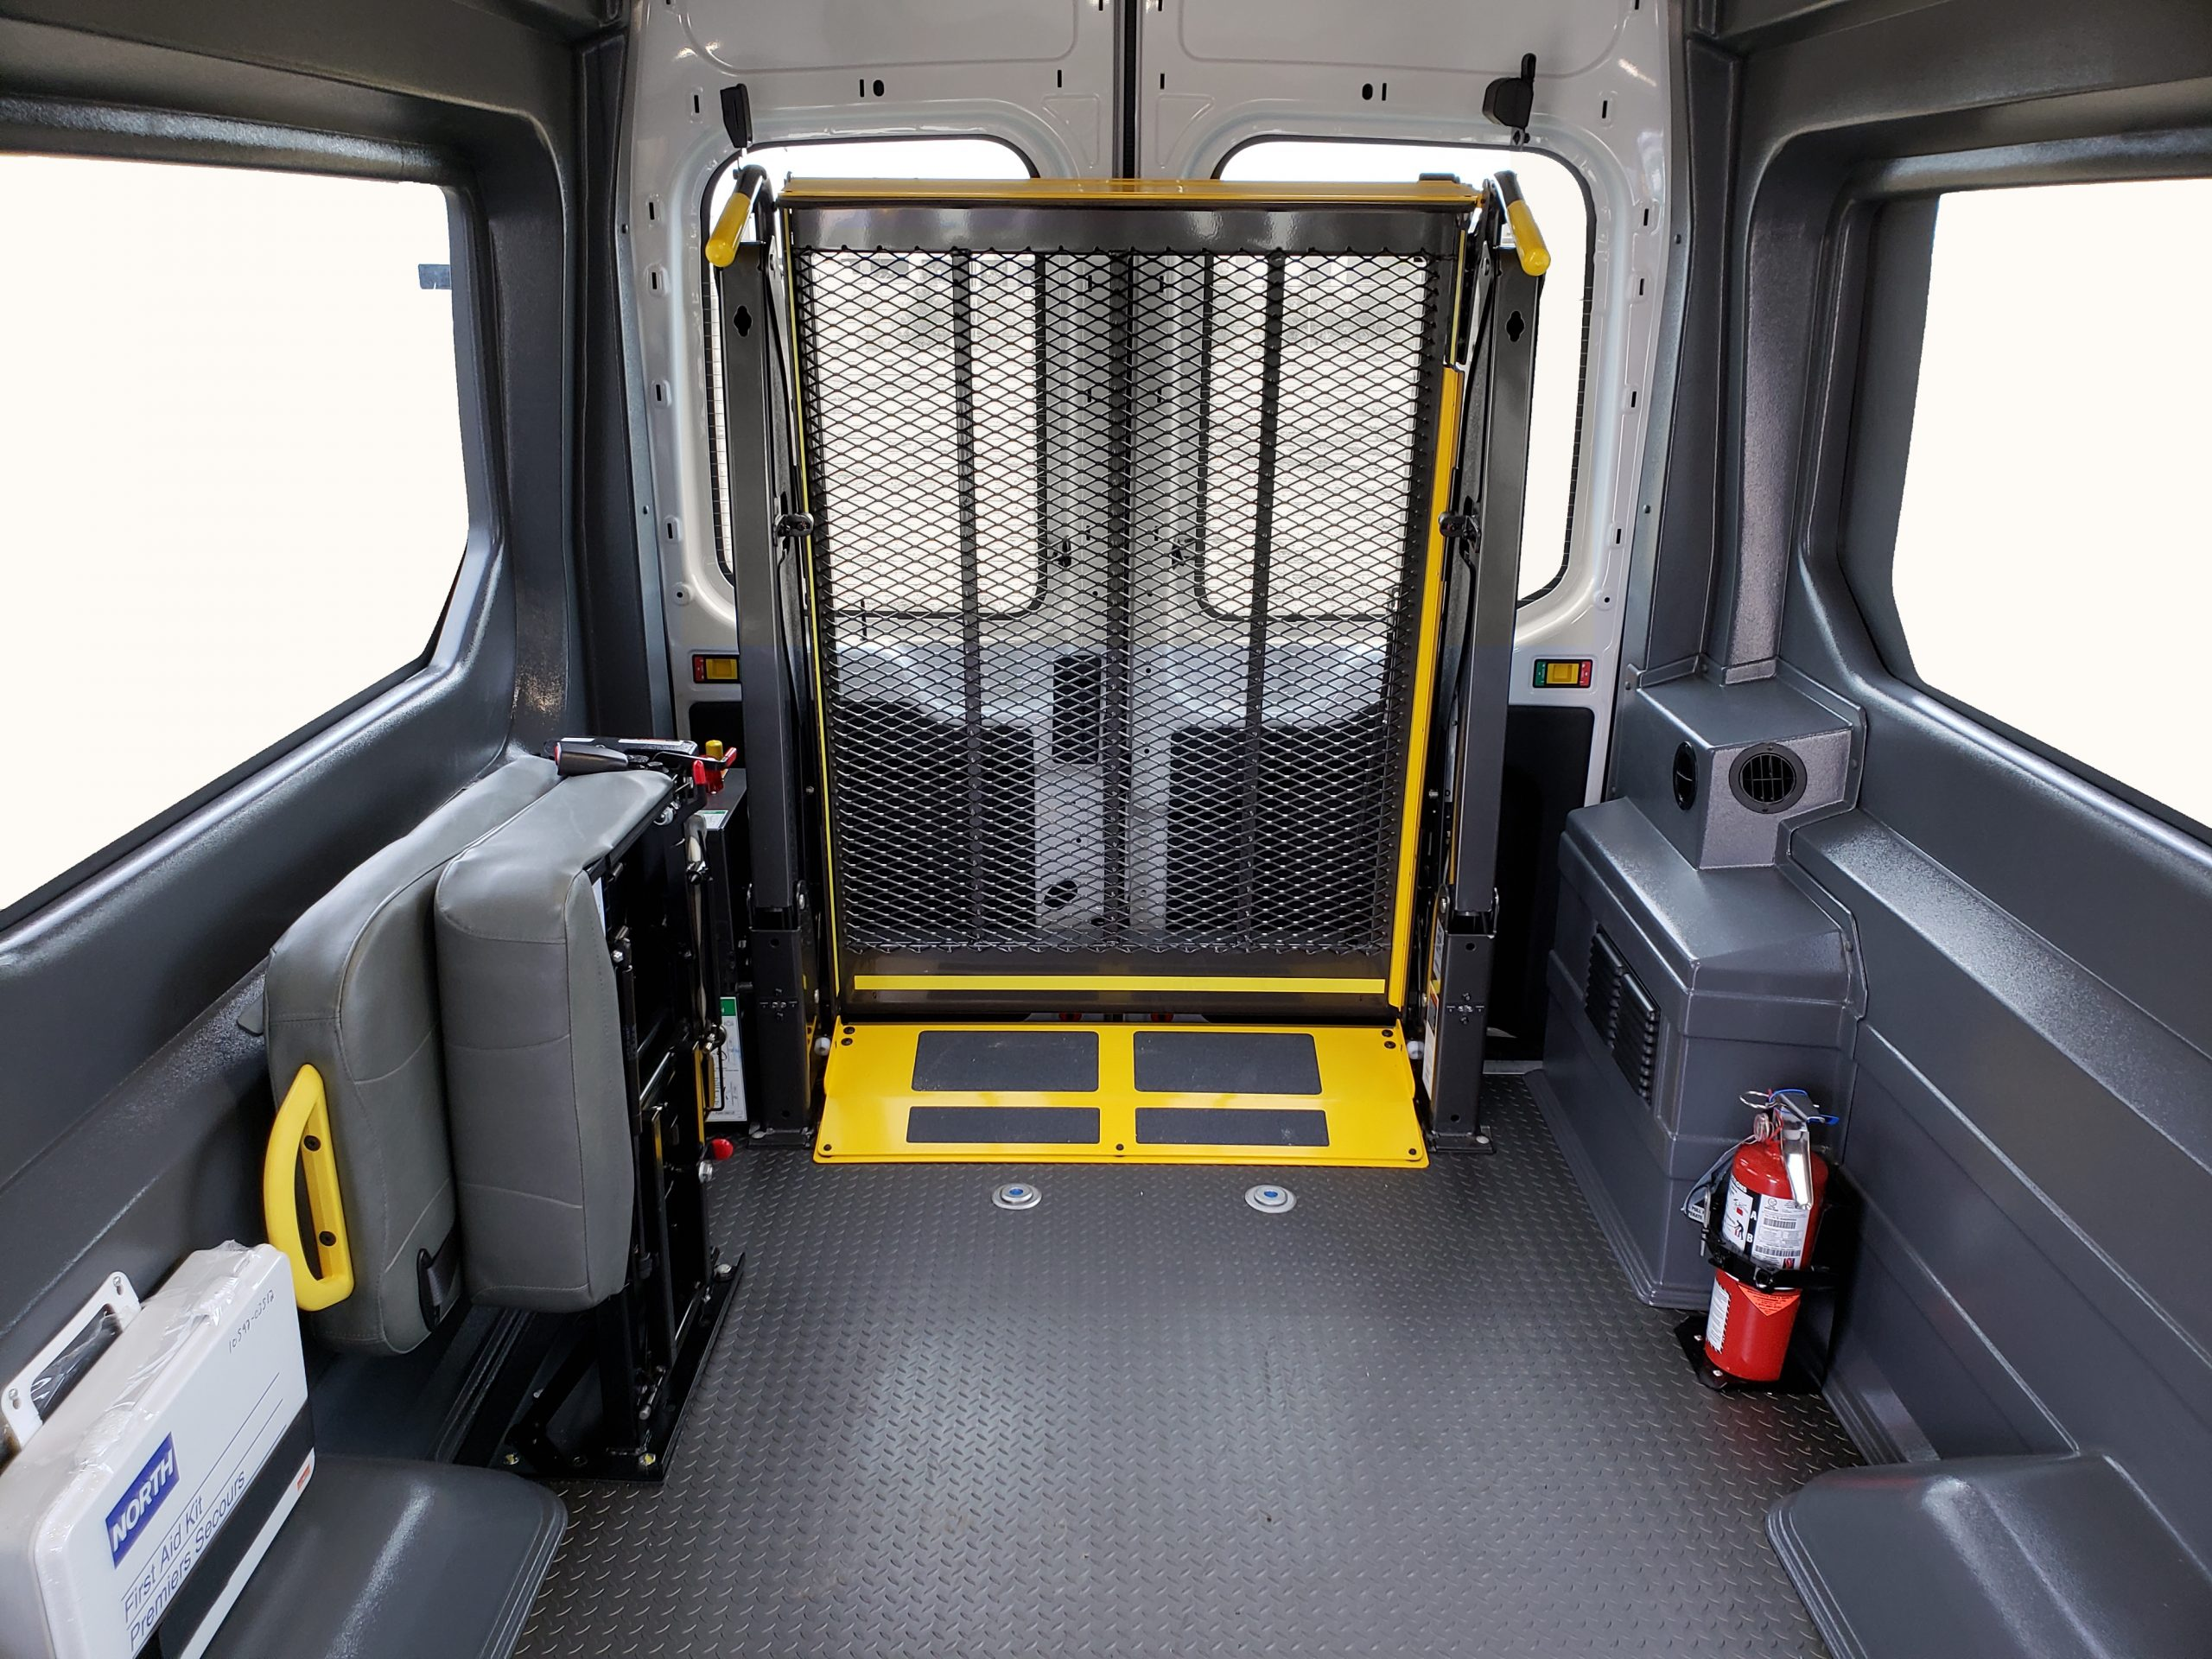 Van-Converison-Bus-Wheelchair-Access